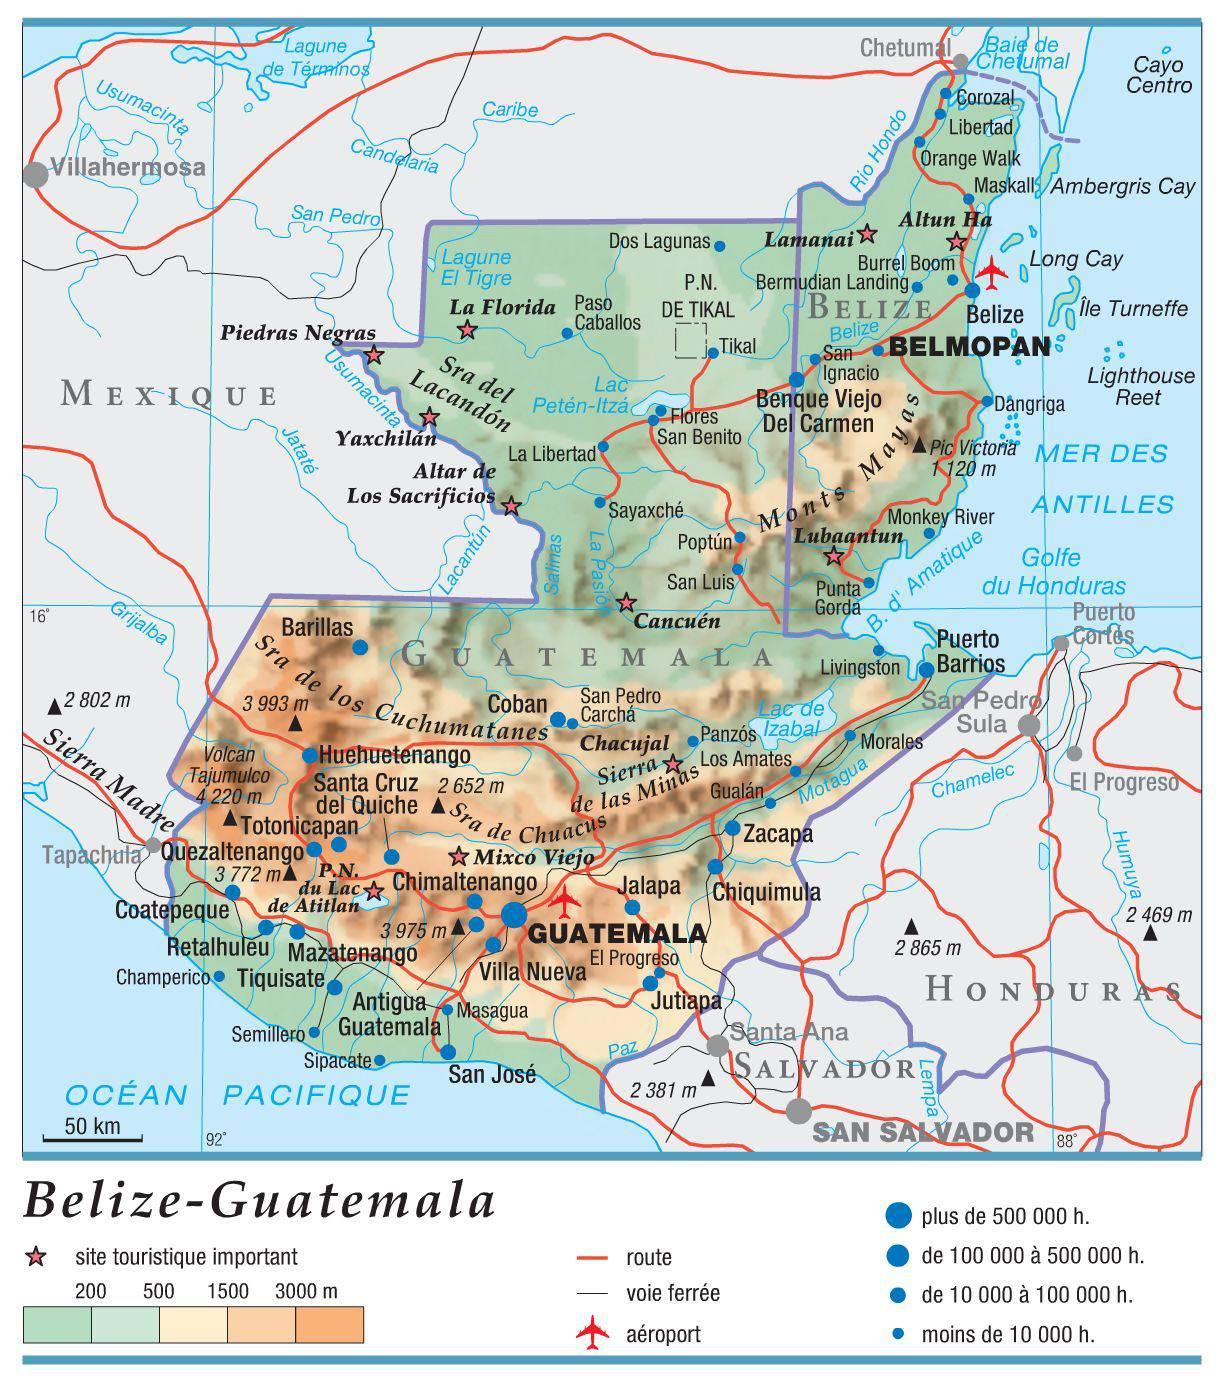 Carte du Guatemala   Plusieurs cartes du pays en Amérique du Sud